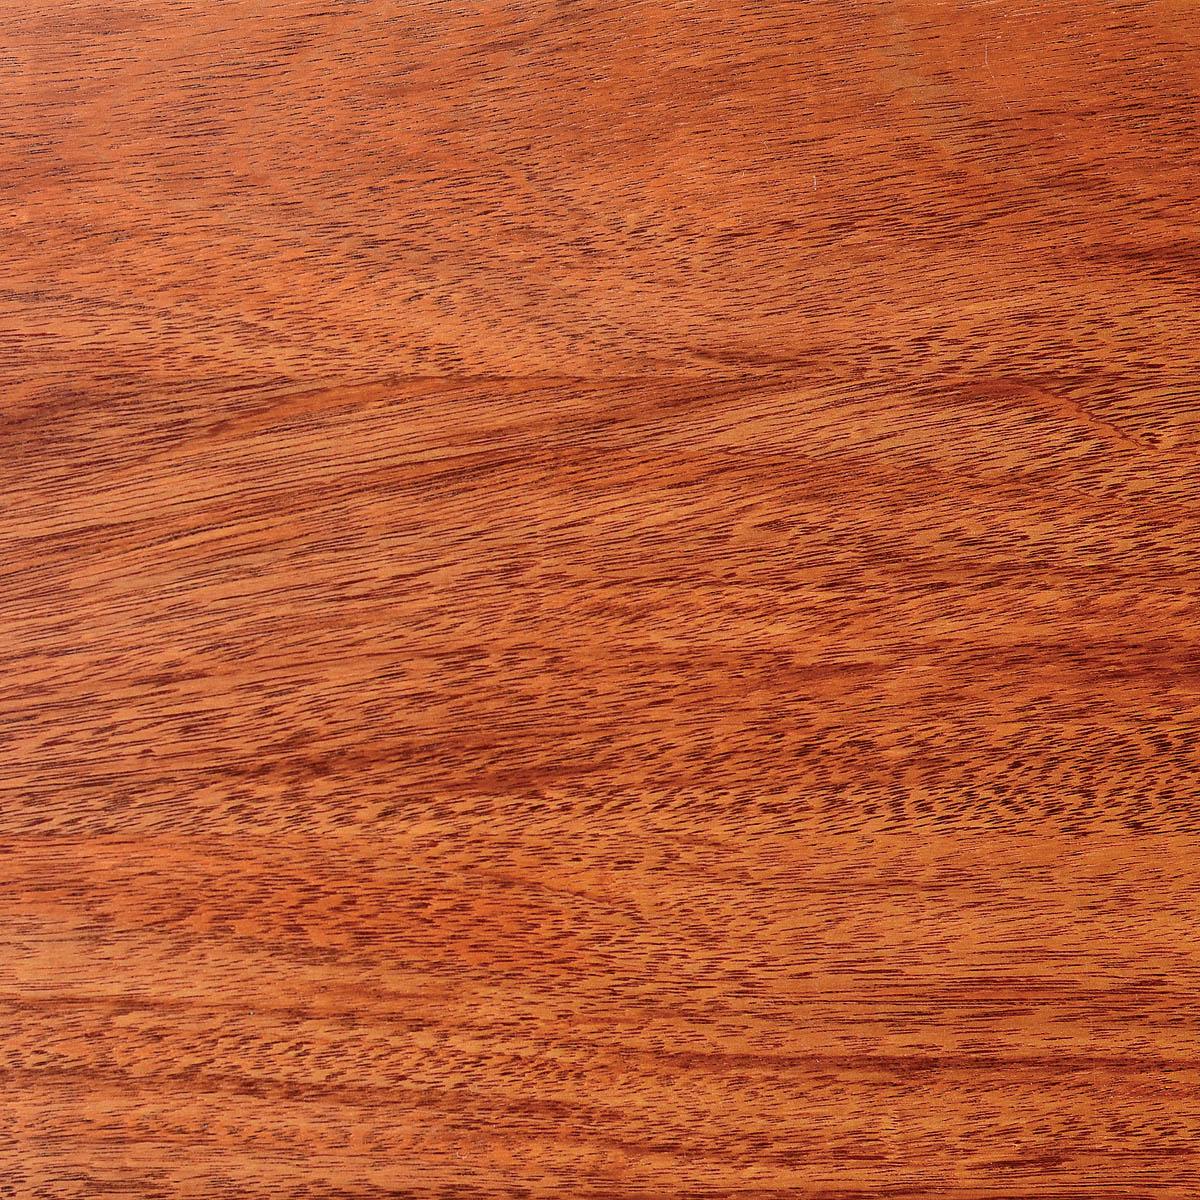 Schody drewniane Olsztyn - Merbau